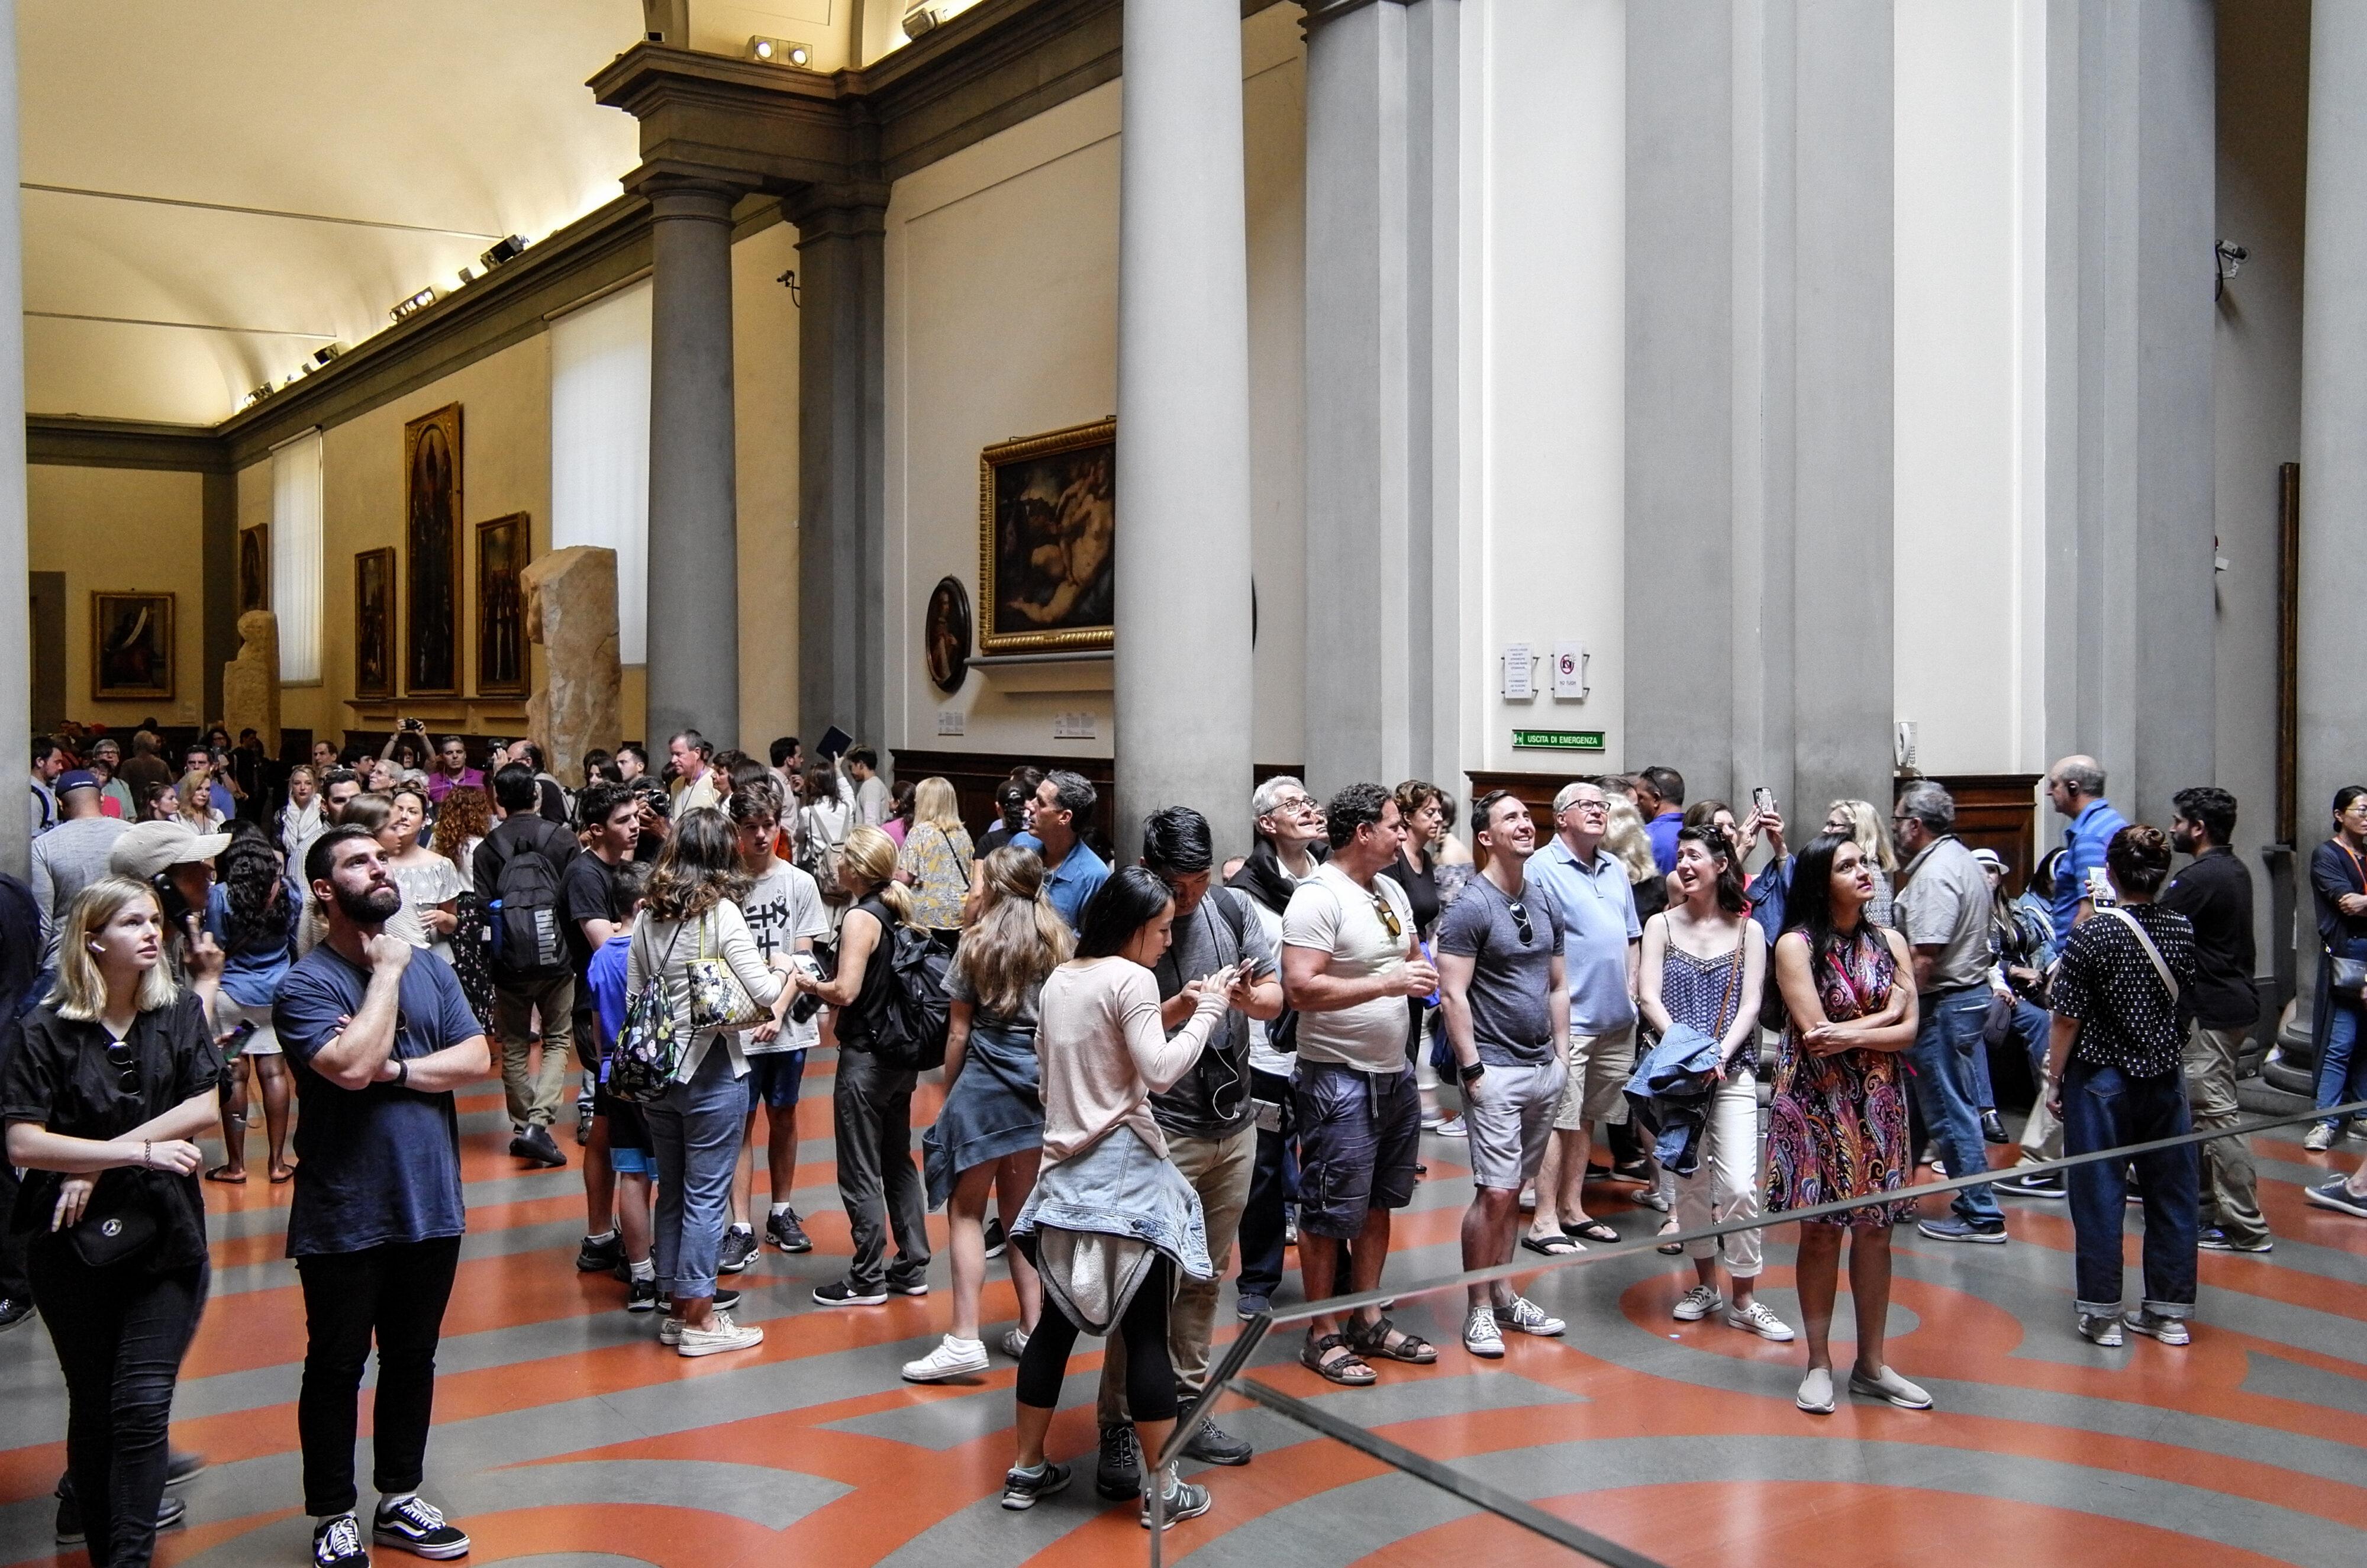 Besucher der Accademia vor Michelangelos David